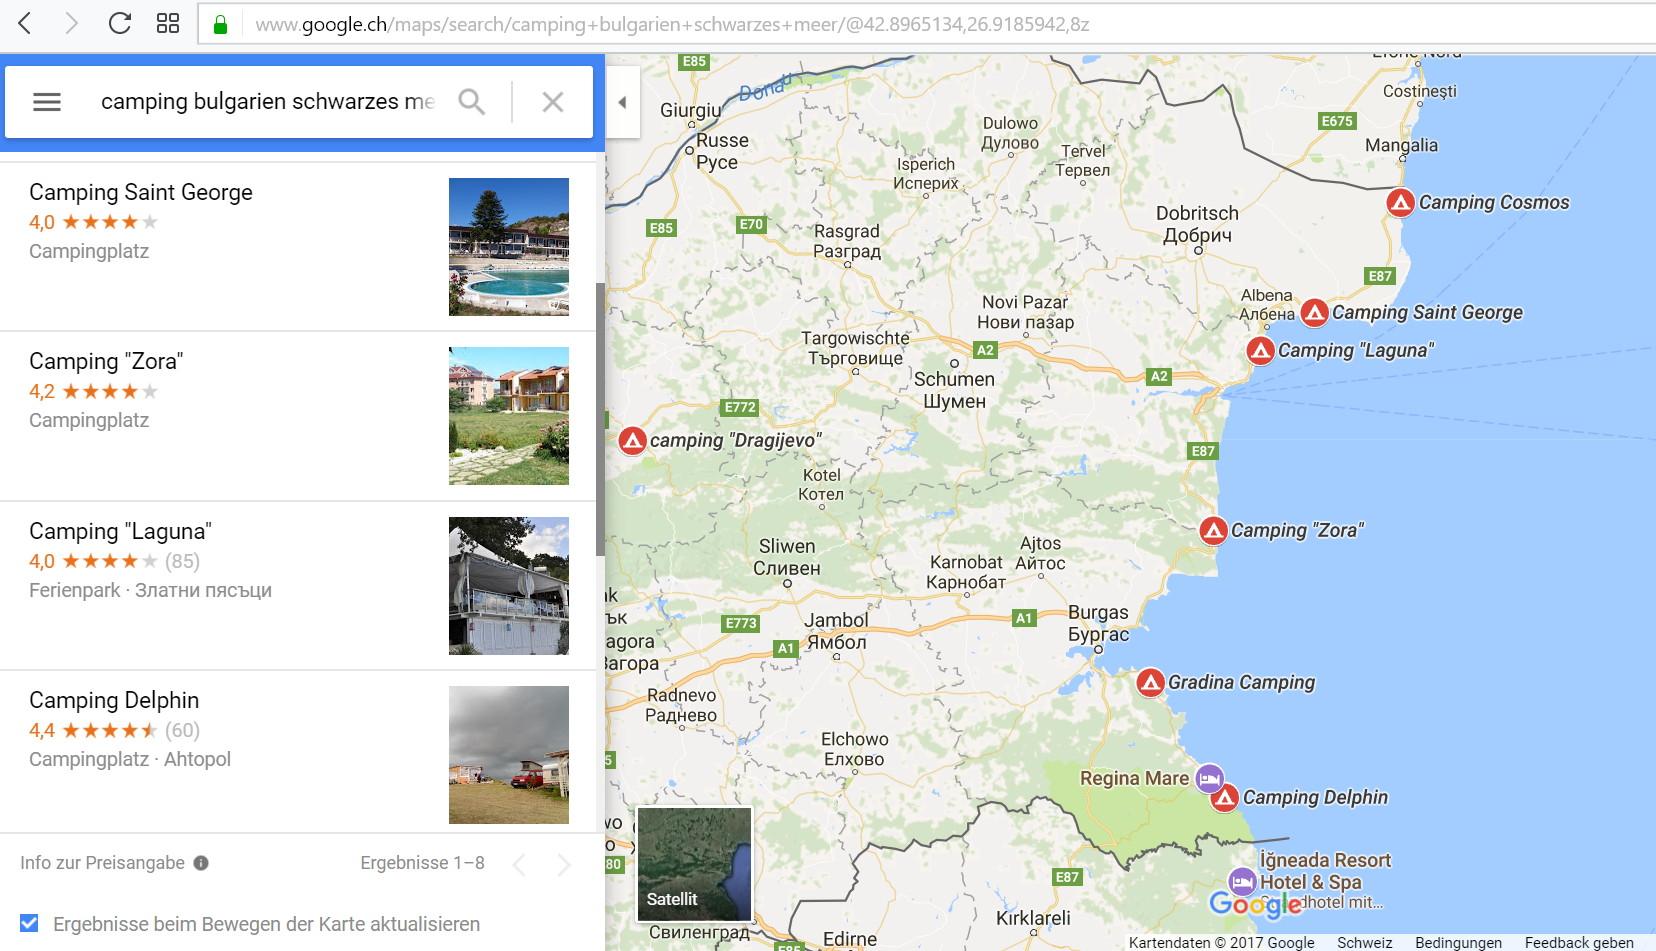 Campingplatz Suche mit Google Maps - funktioniert sehr gut!